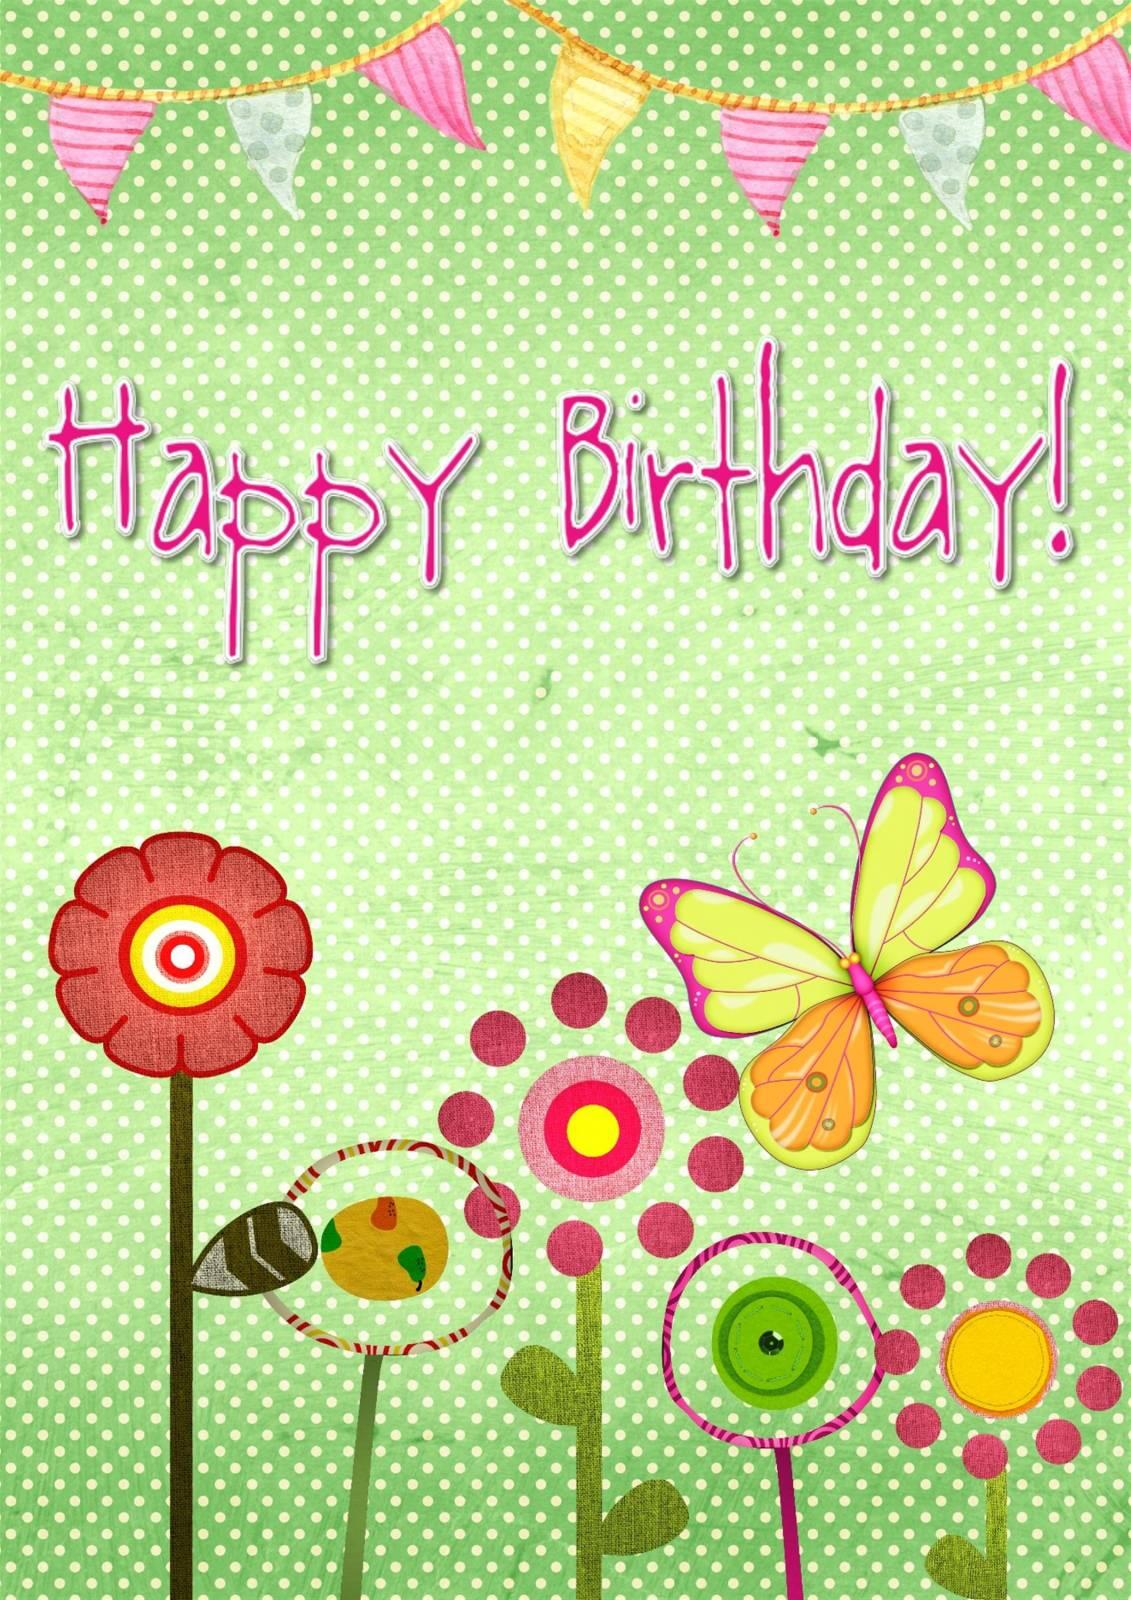 happy birthday képek Index of /kepek/kepeslapok/hatterkepek/alkalmak szuletesnap happy birthday képek